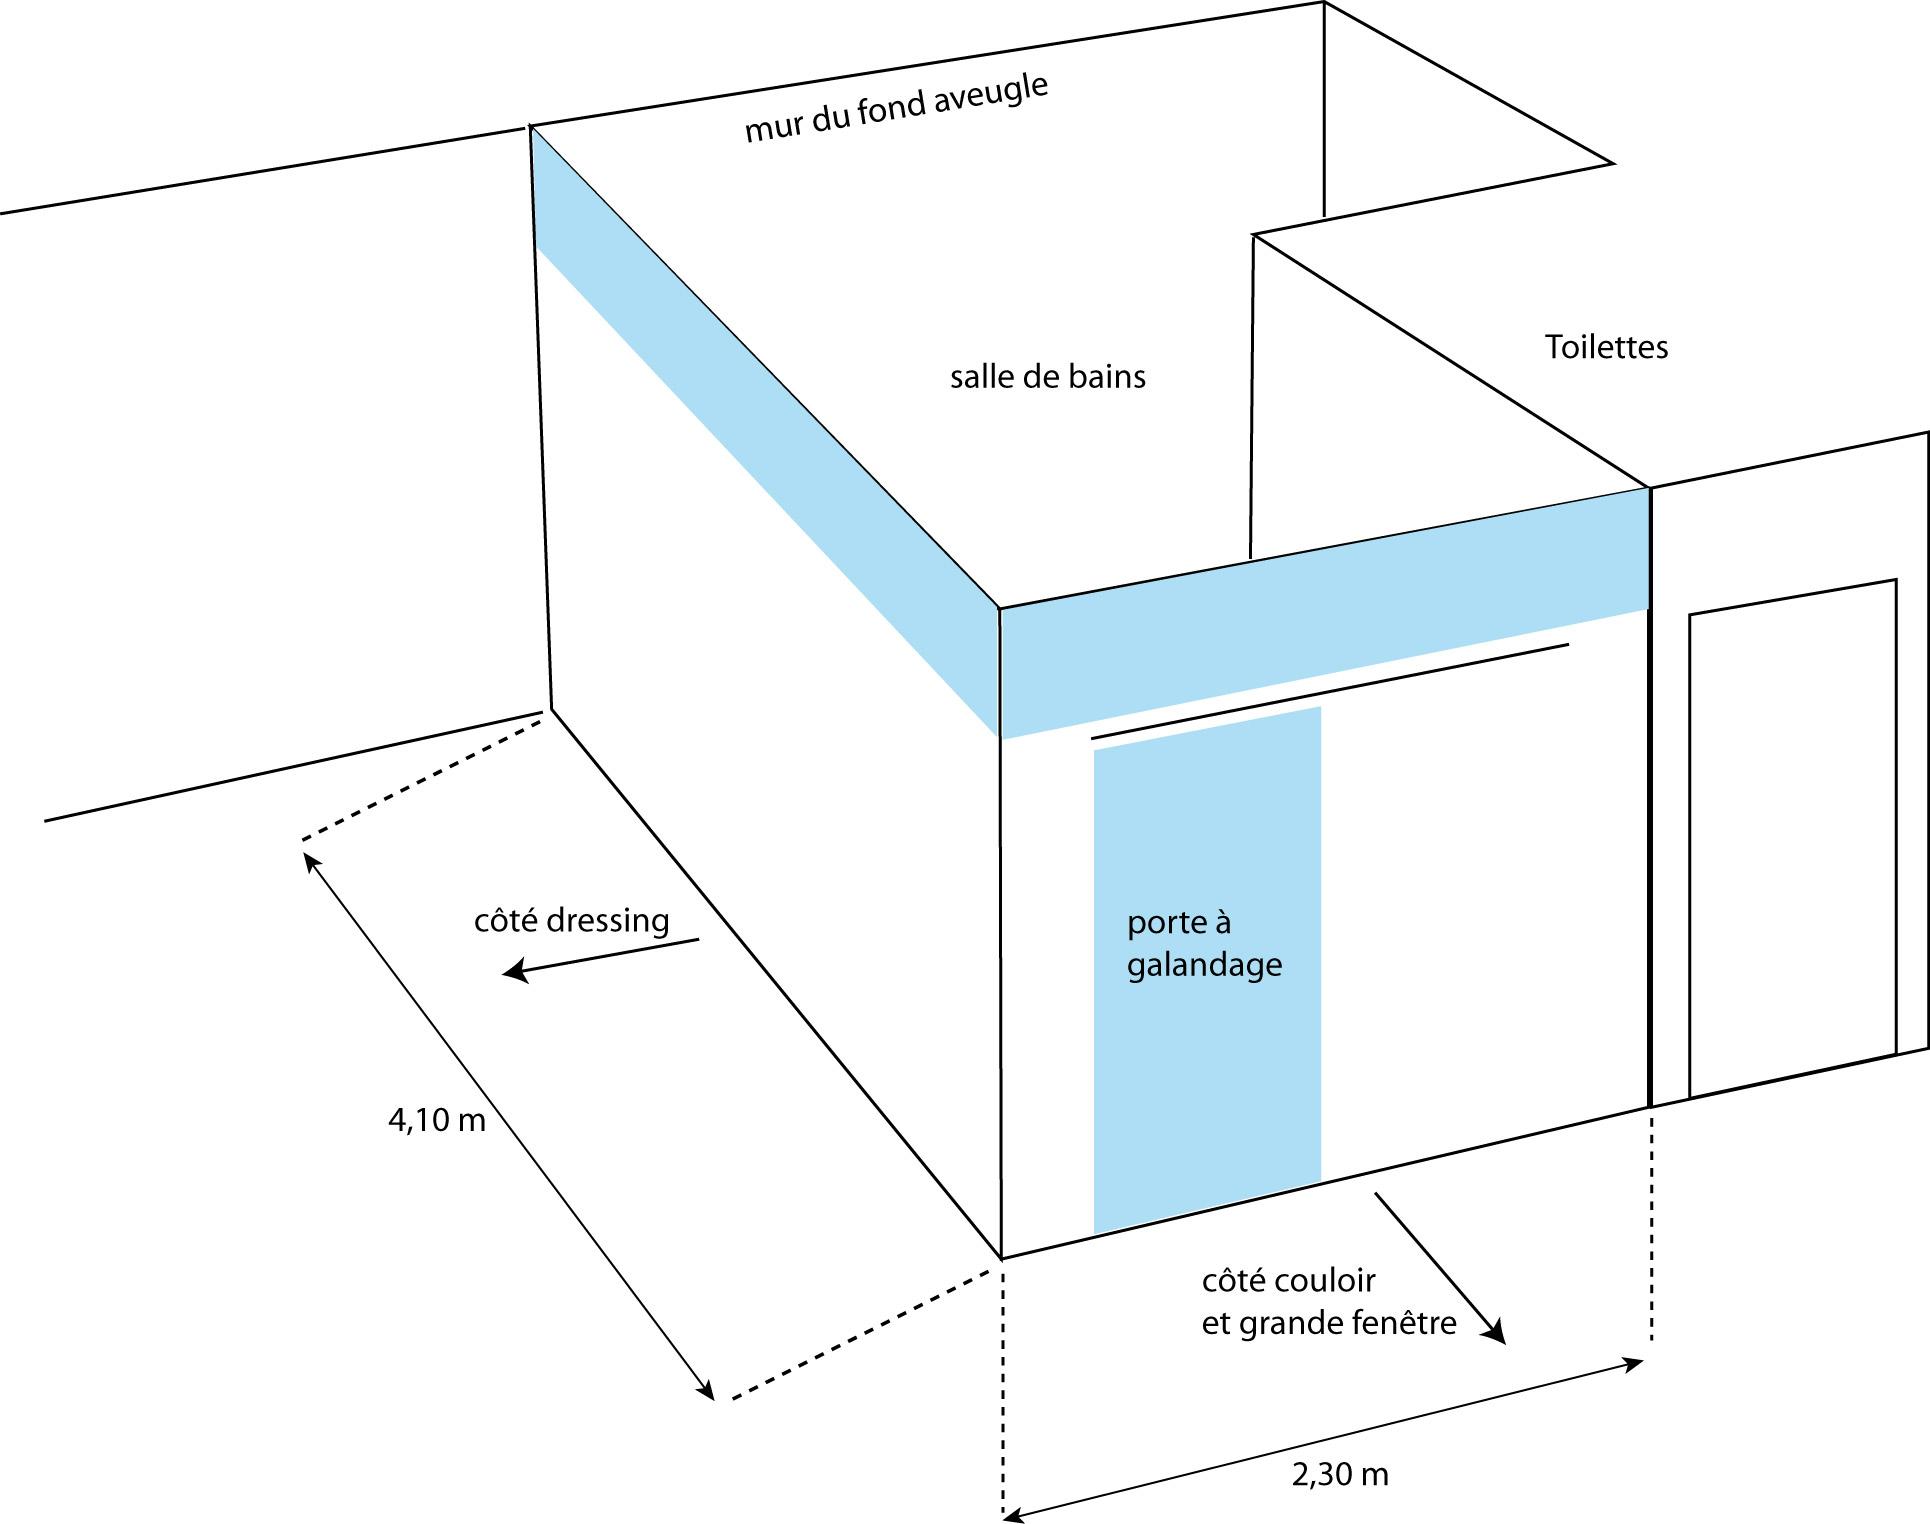 Vitre Dans Cloison Ba13 montage de cloisons placo et cadre en verre sous plafond